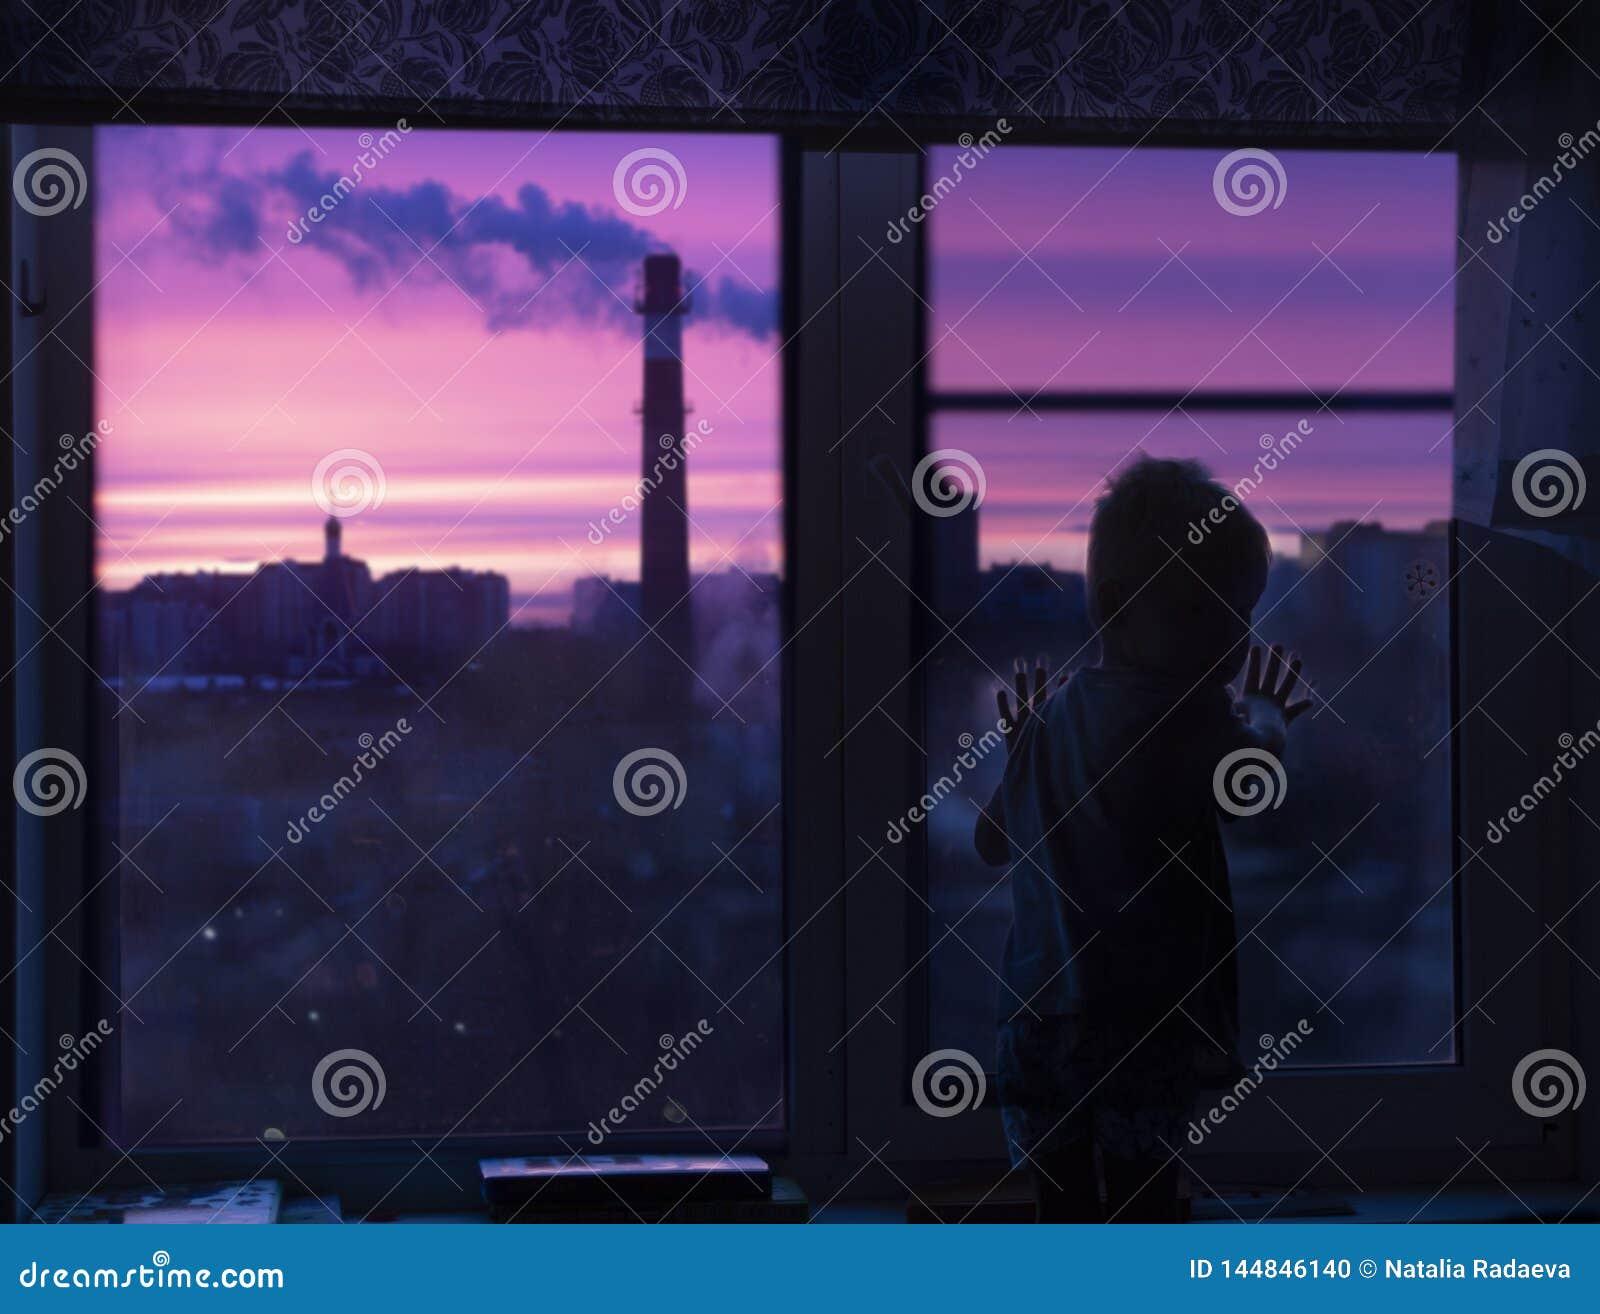 Een silhouet van een kindpeuter bij het venster bekijkt de roze dageraad en ziet rook en stedelijke huizen